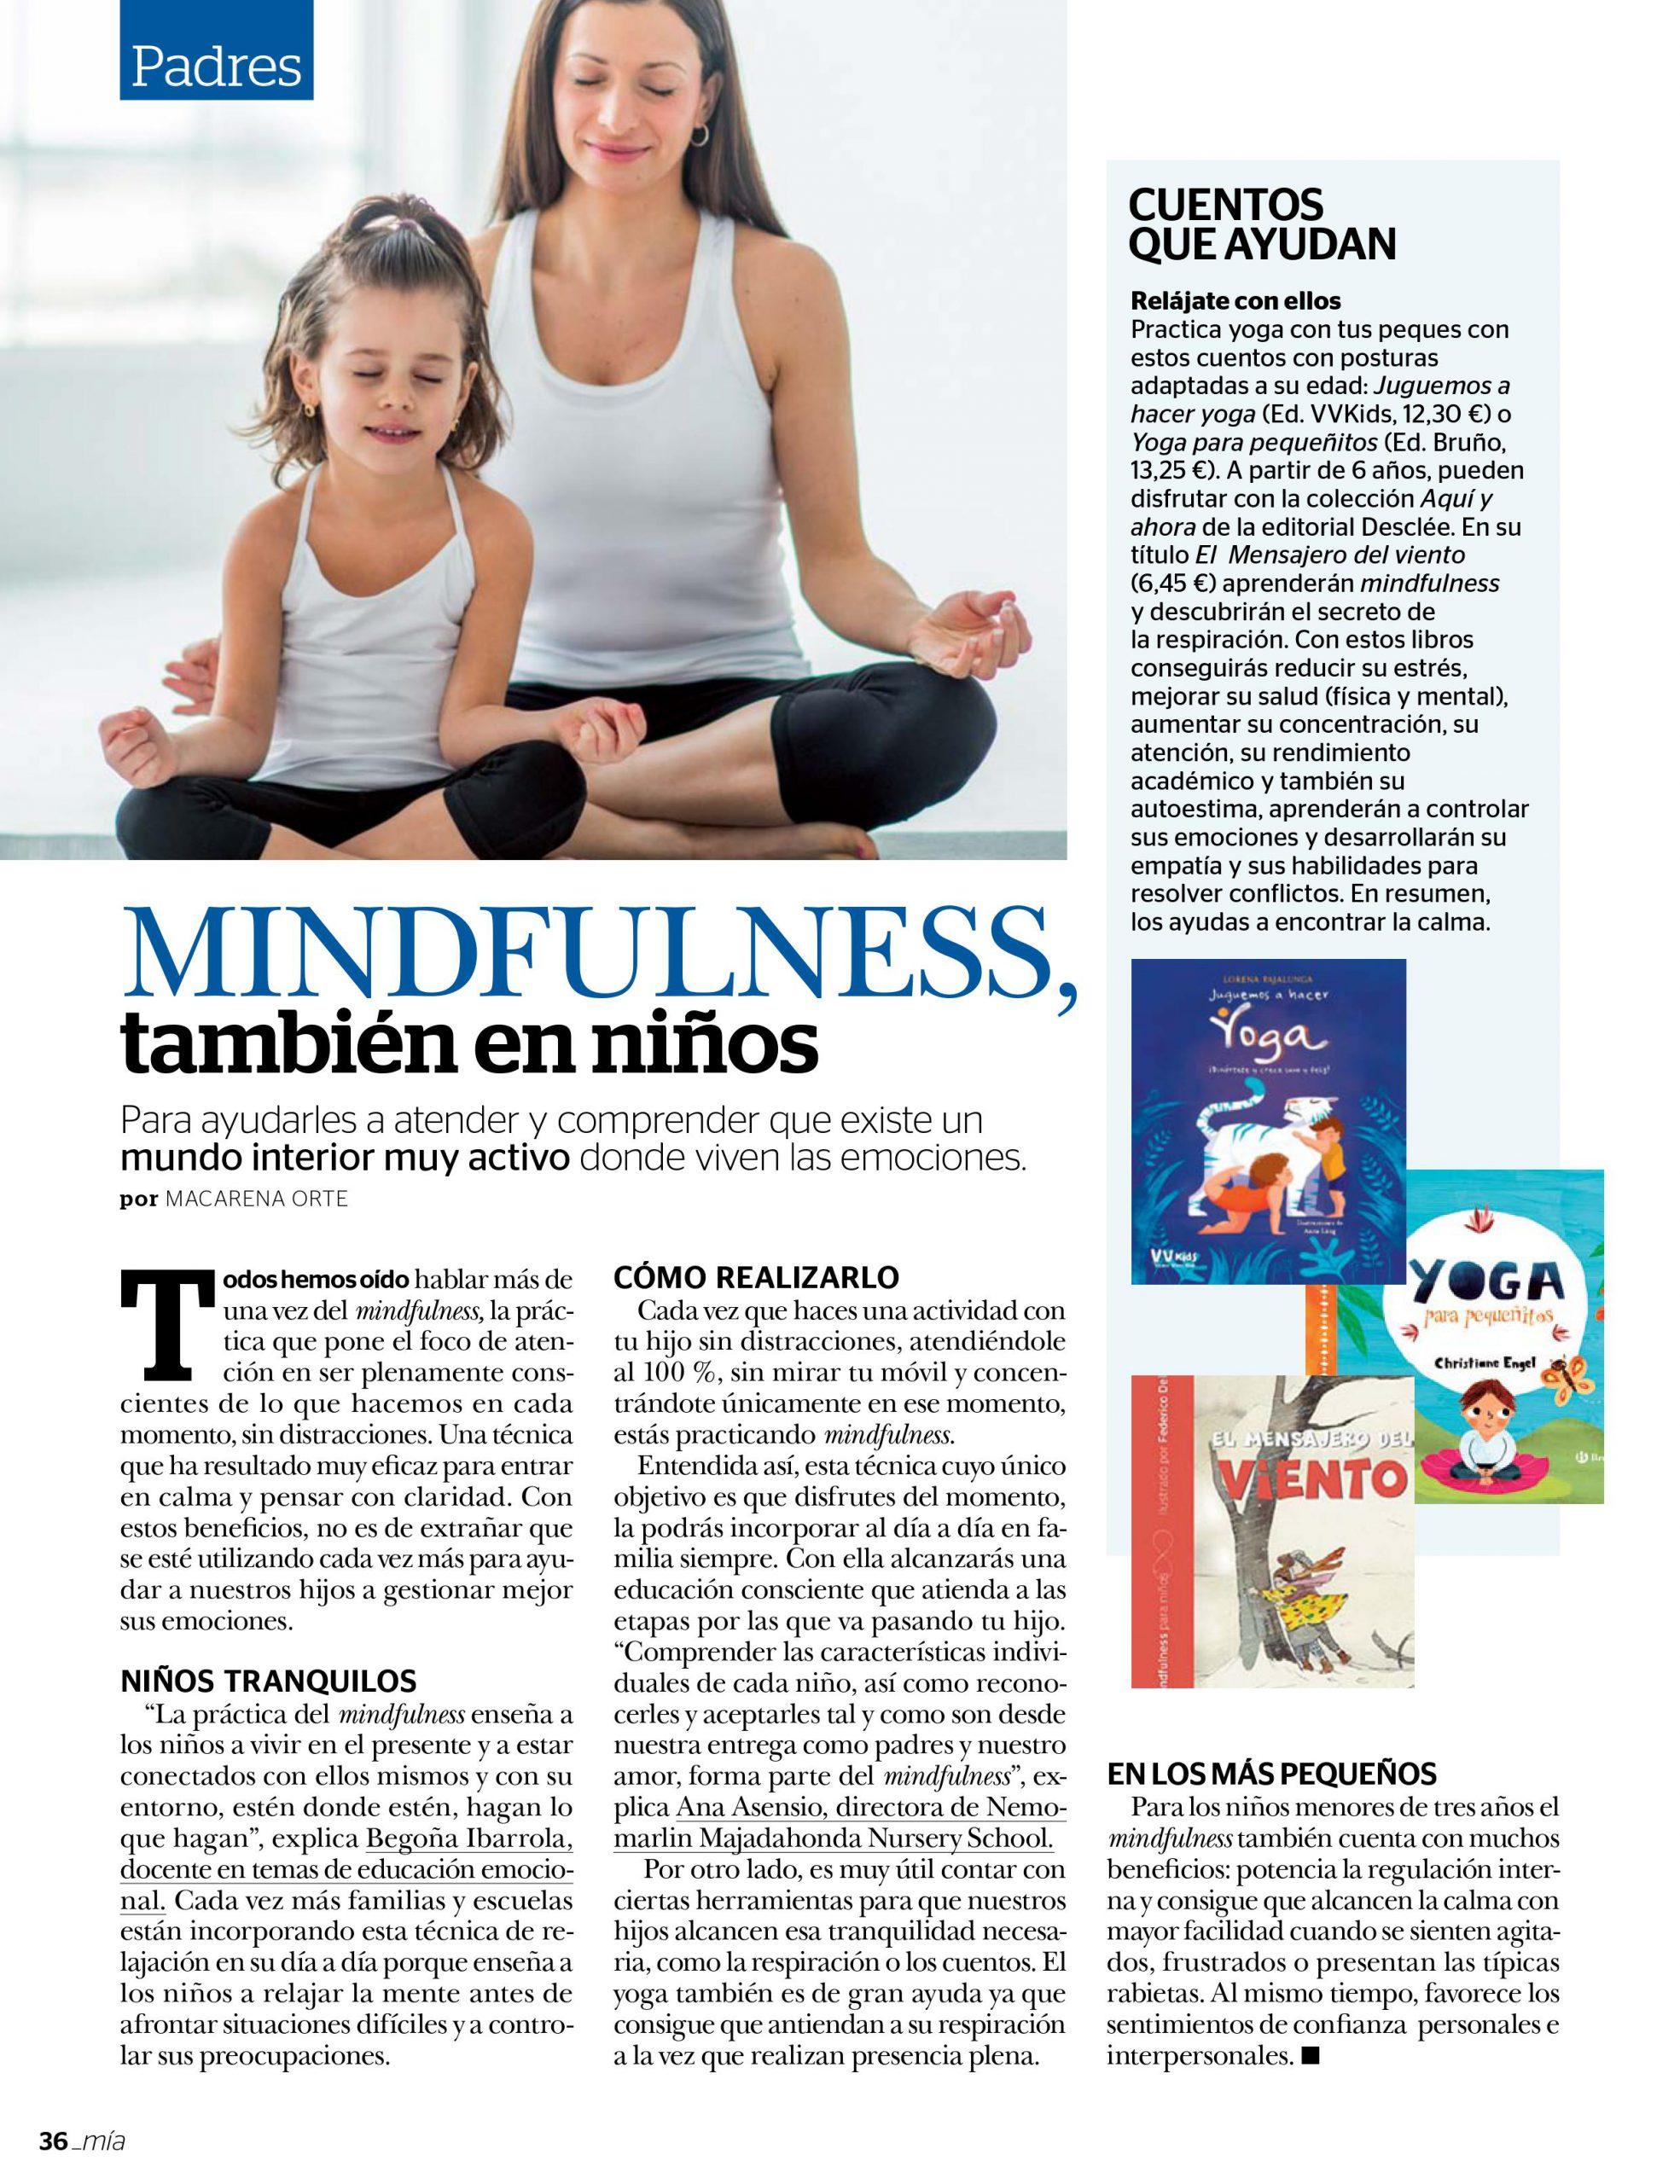 Noticia Mindfulness también en niños- Nemomarlin Escuelas Infantiles